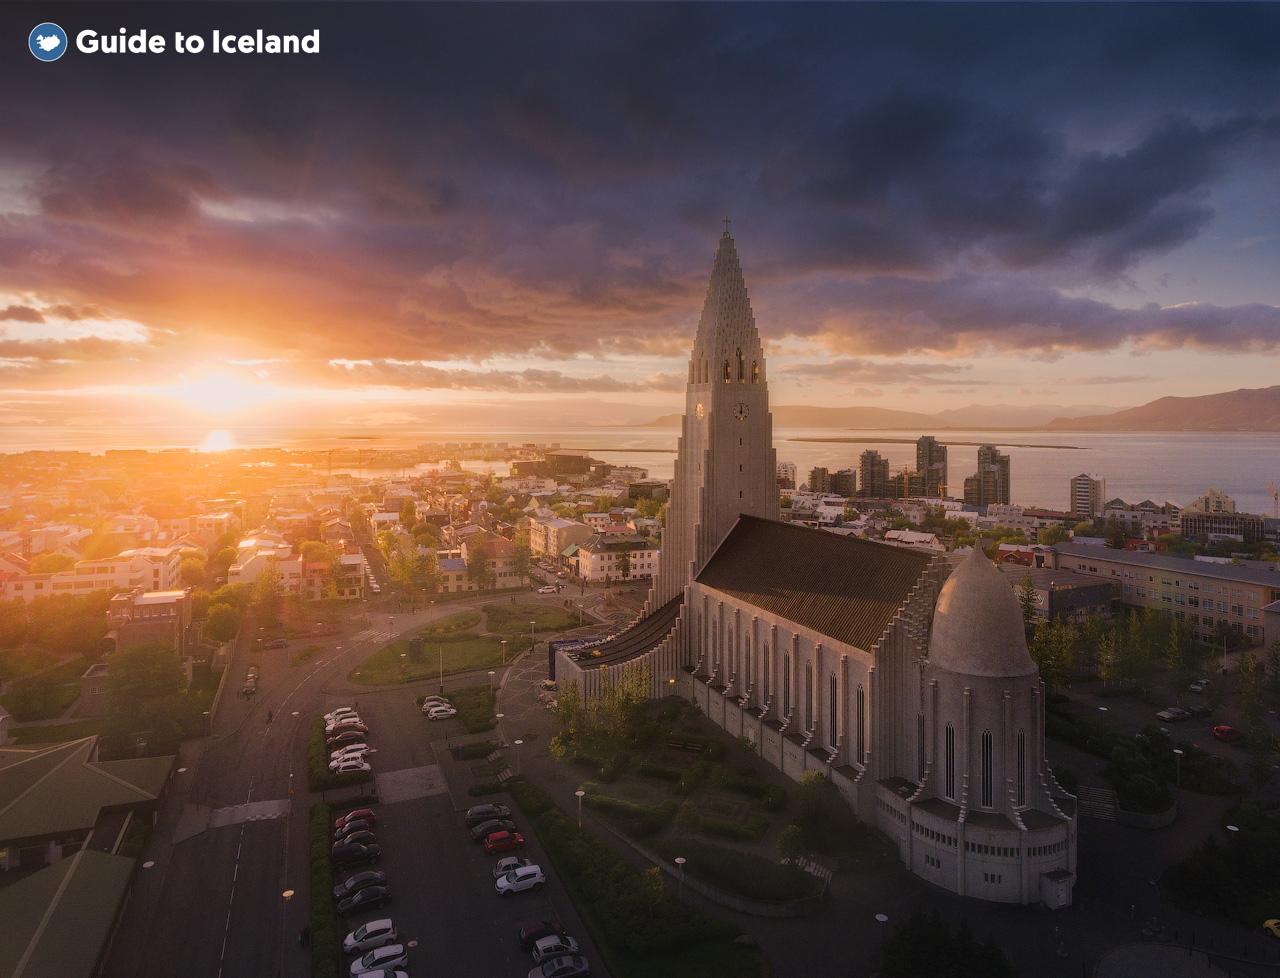 Pełna przygód 7-dniowa, samodzielna wycieczka po Islandii wraz z interiorem - day 6